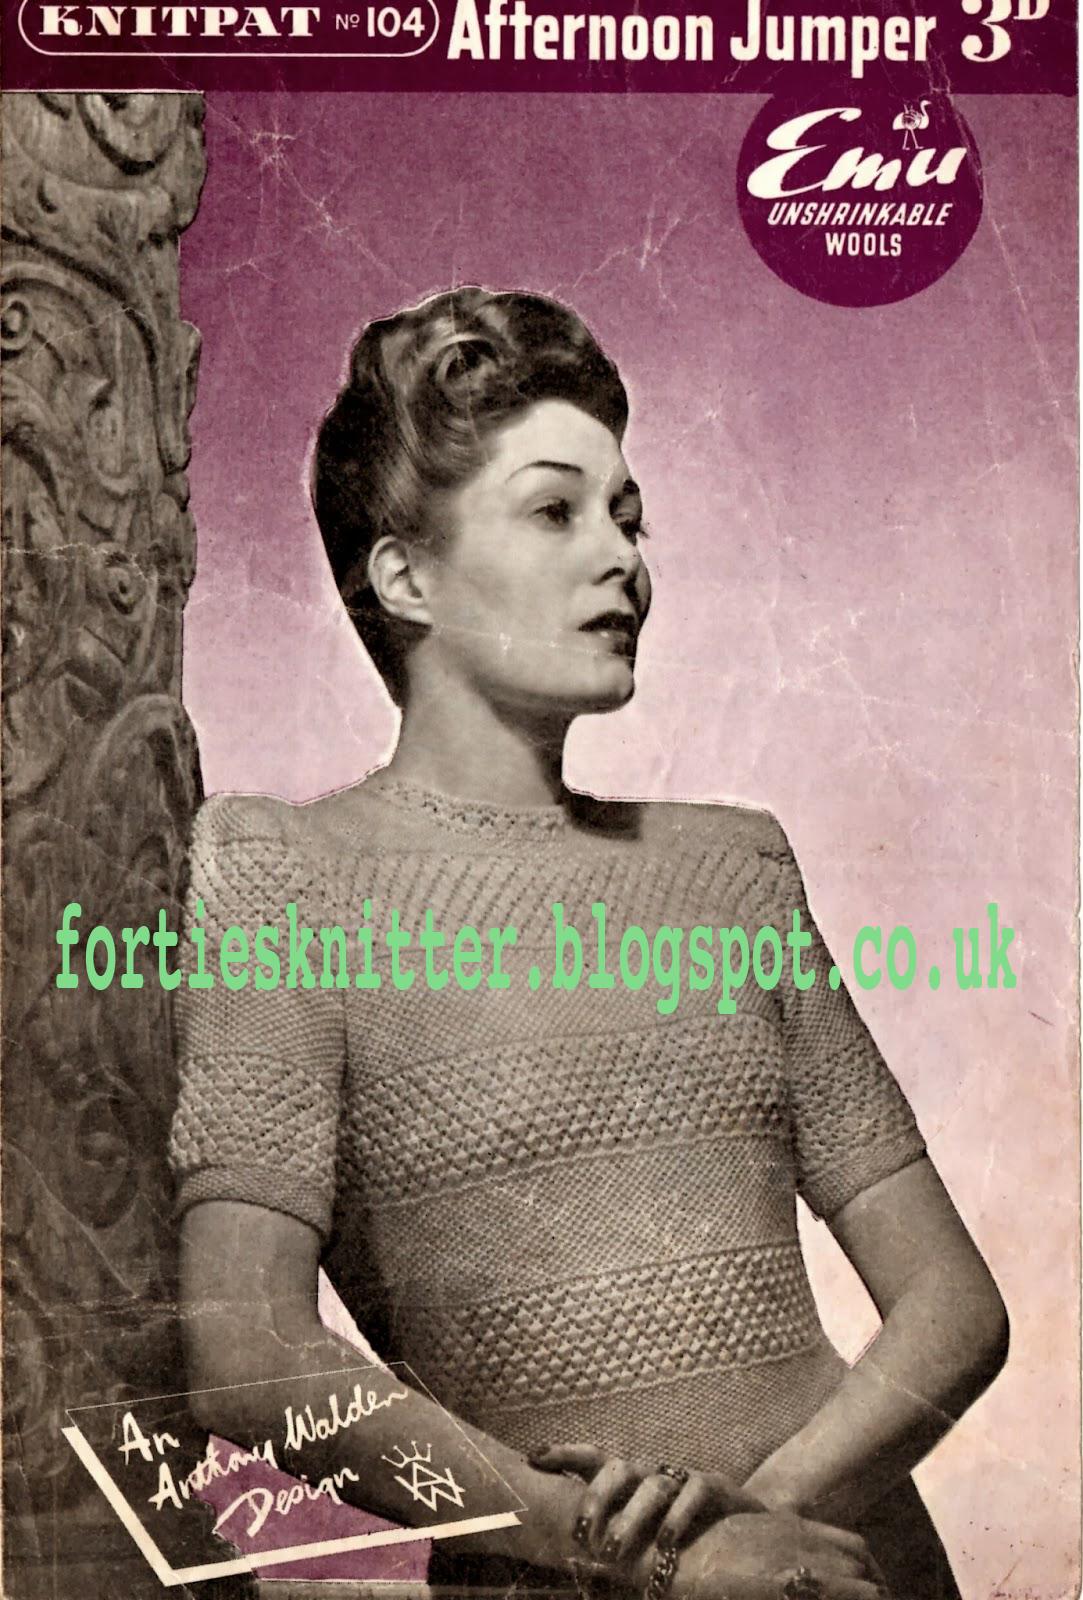 1940's Knitting - Knitpat 104 Women's Jumper free pattern